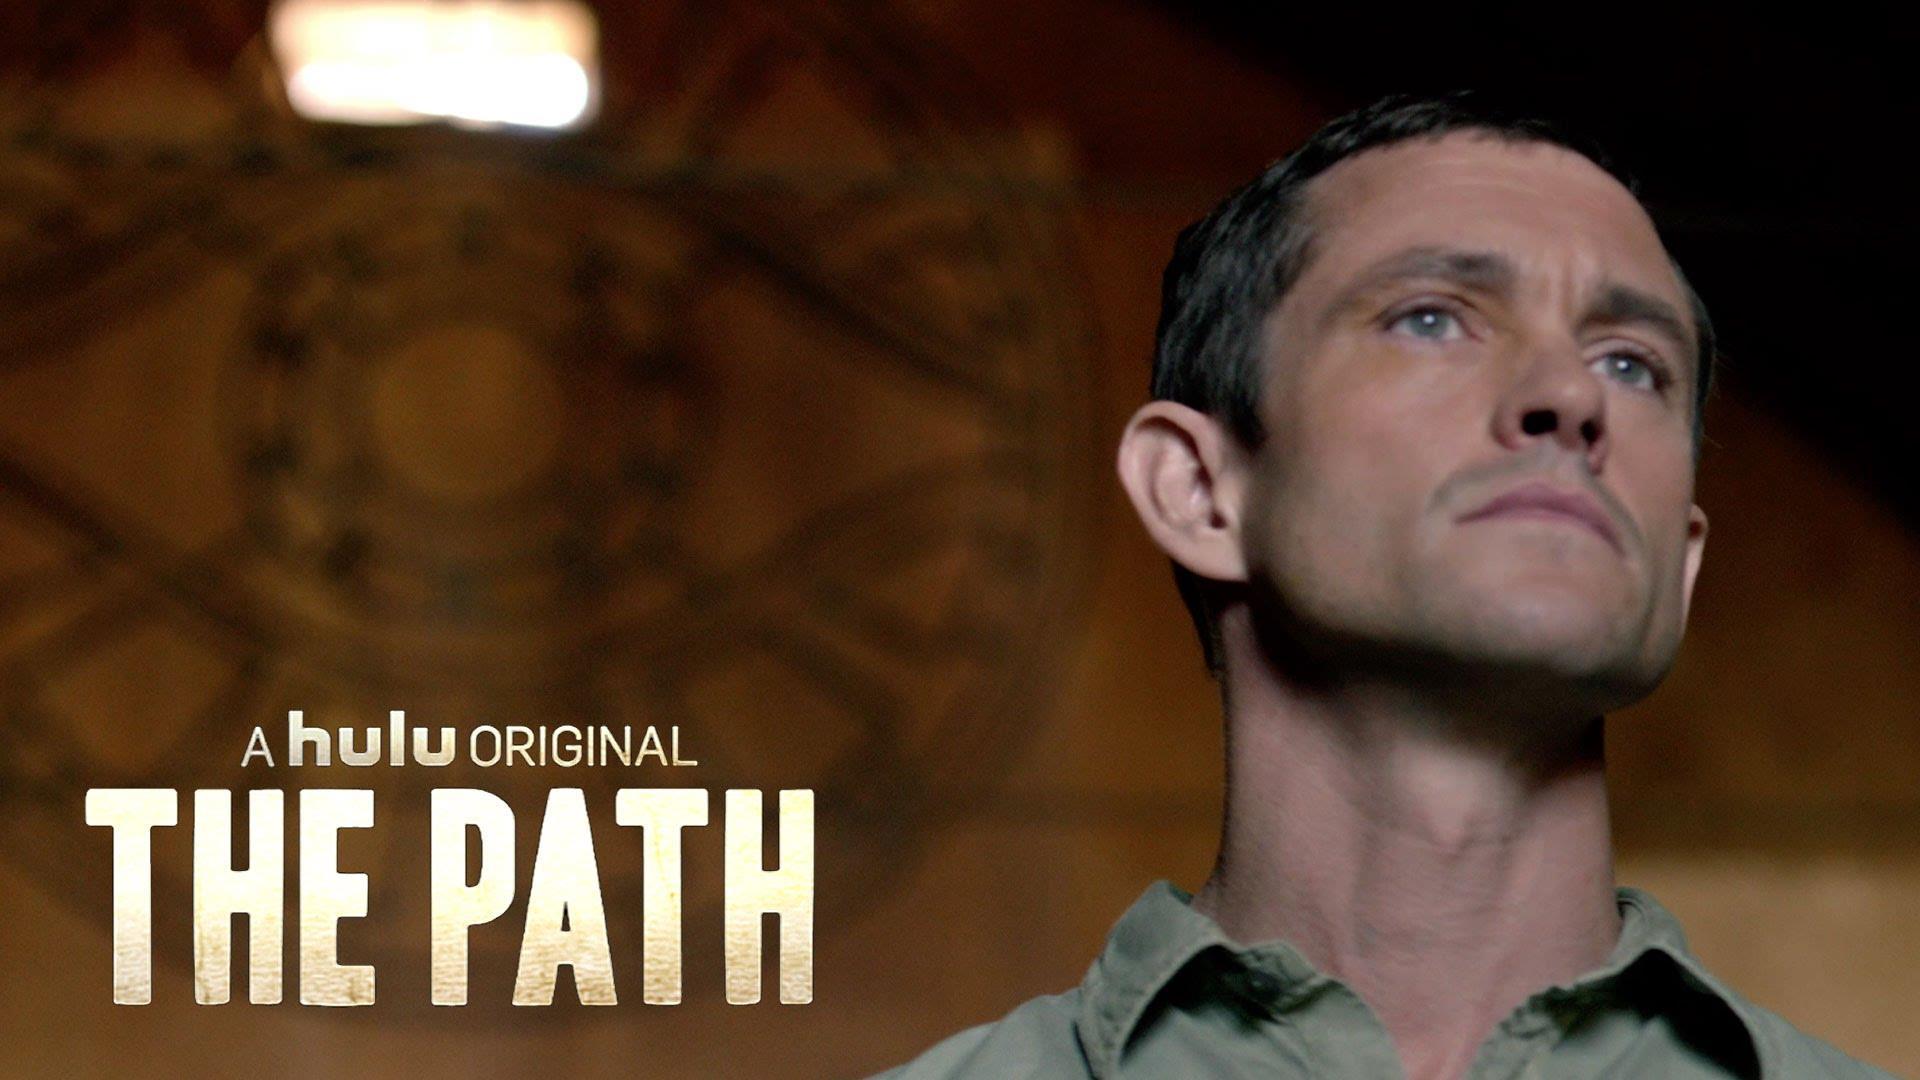 Tra i protagonisti della serie TV sulle oscure pratiche della setta religiosa The Path c'è l'attore Hugh Dancy